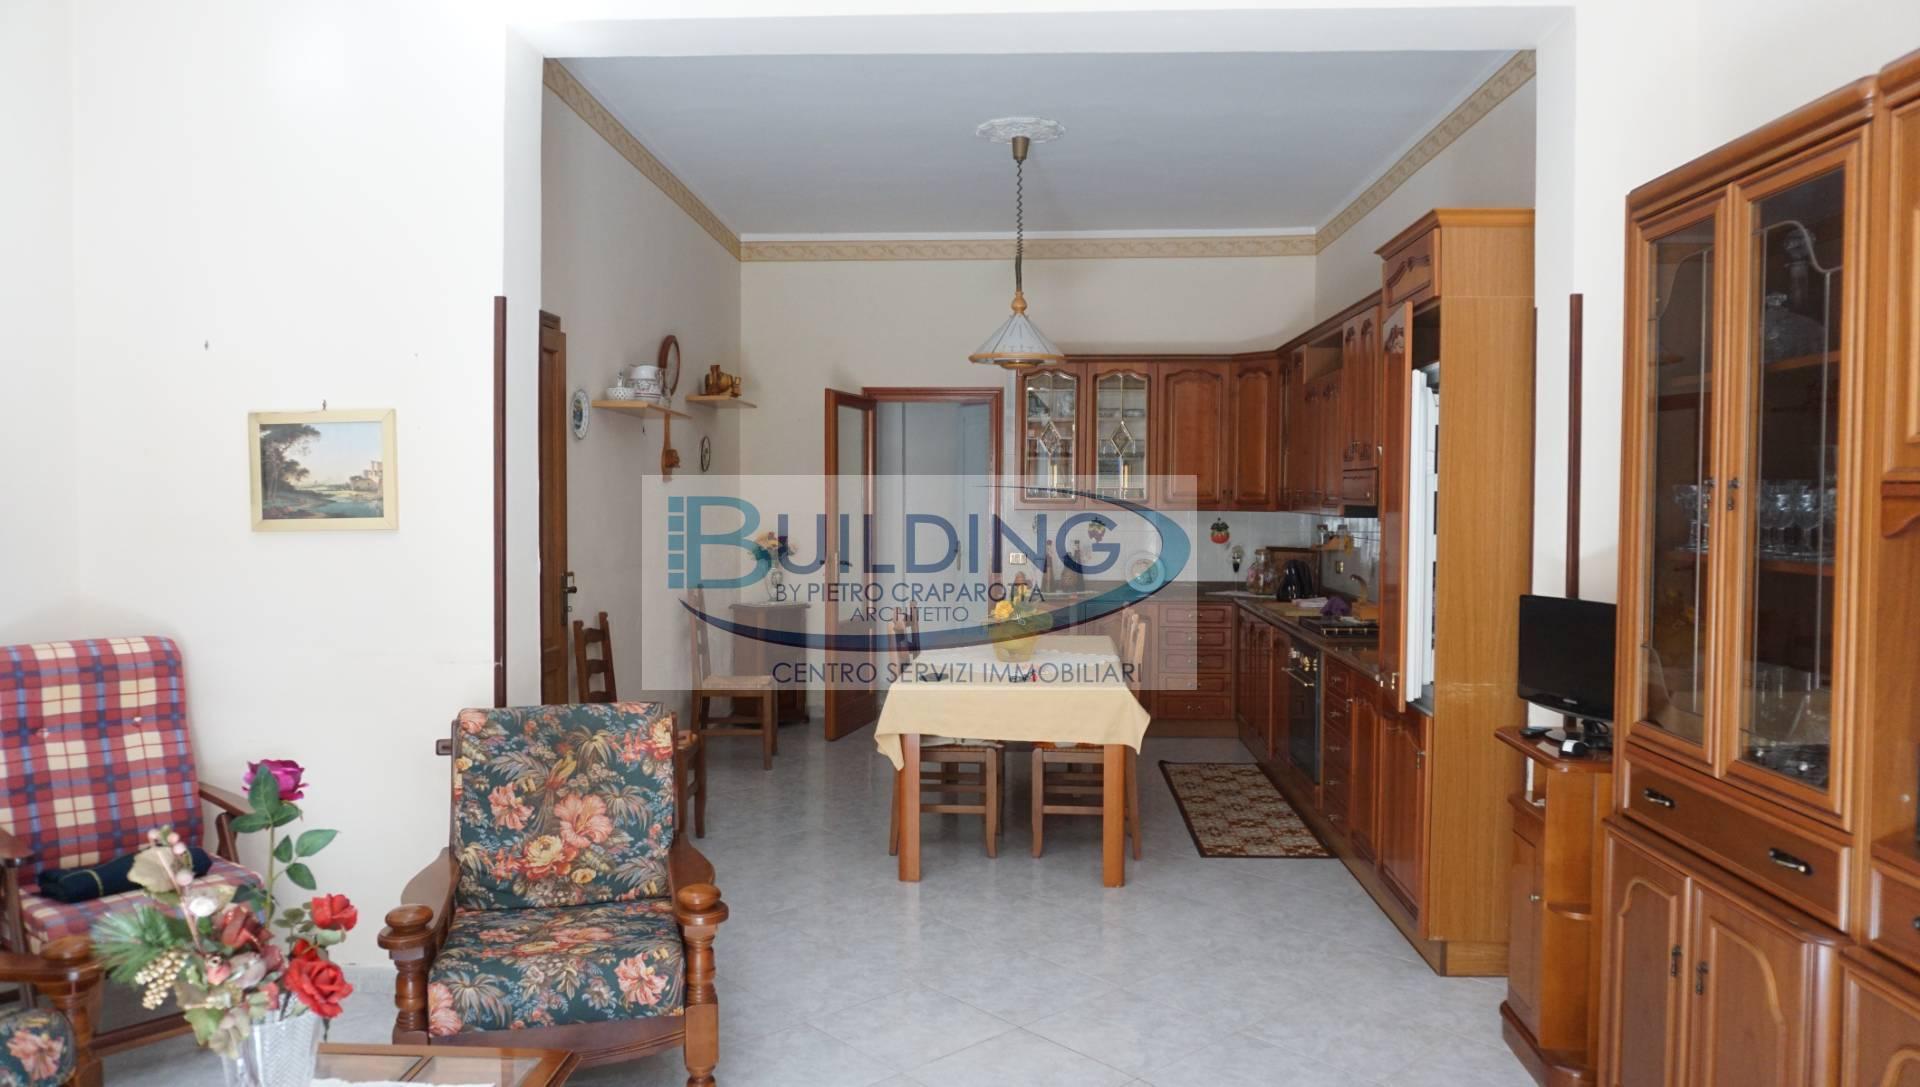 Appartamento in vendita a Castelvetrano, 8 locali, zona Località: CastelvetranoCitt?, prezzo € 83.000 | PortaleAgenzieImmobiliari.it